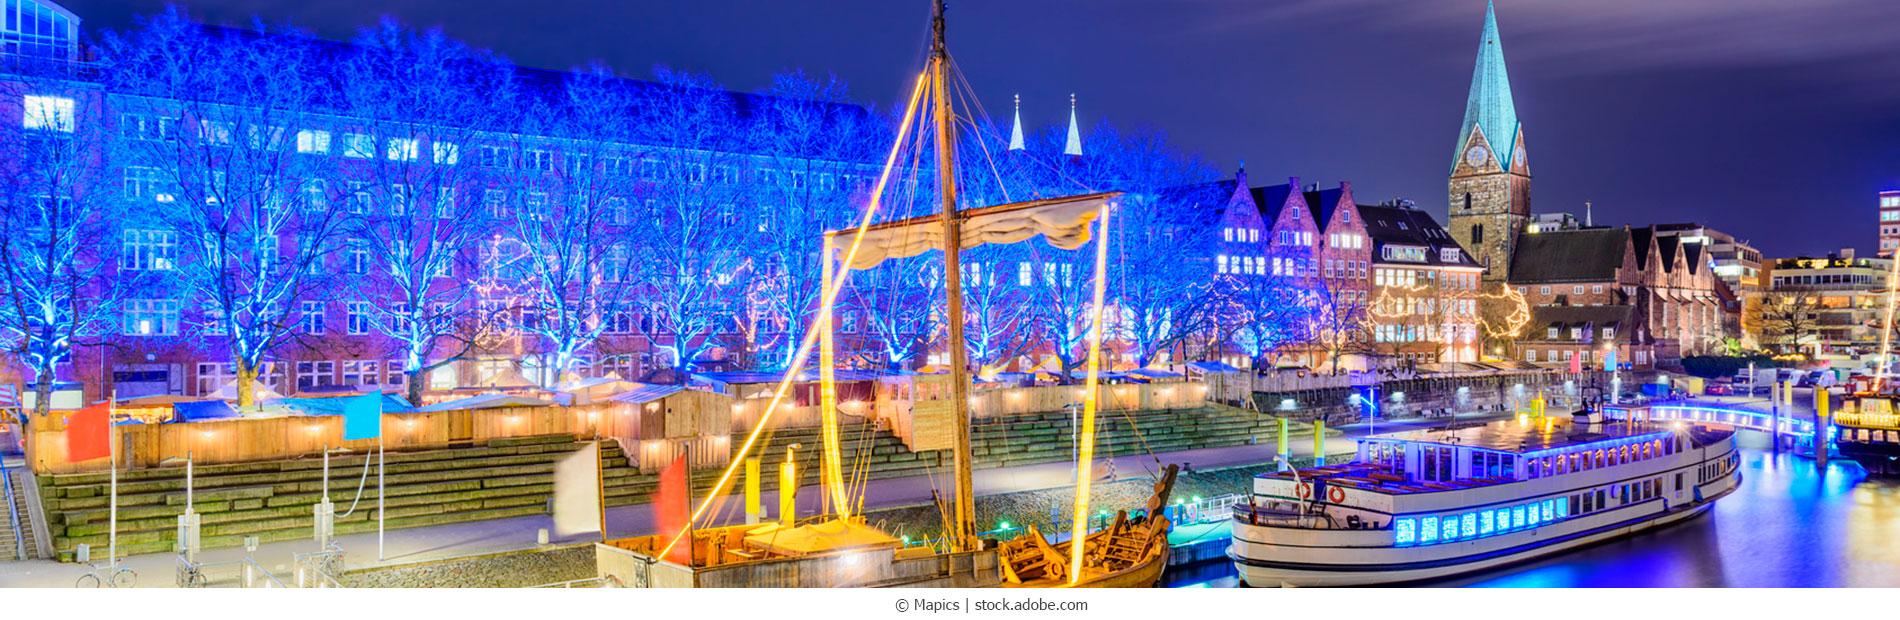 Bremen_Weihnachtsmarkt_Bremen_Fotolia_126033738_M_webC